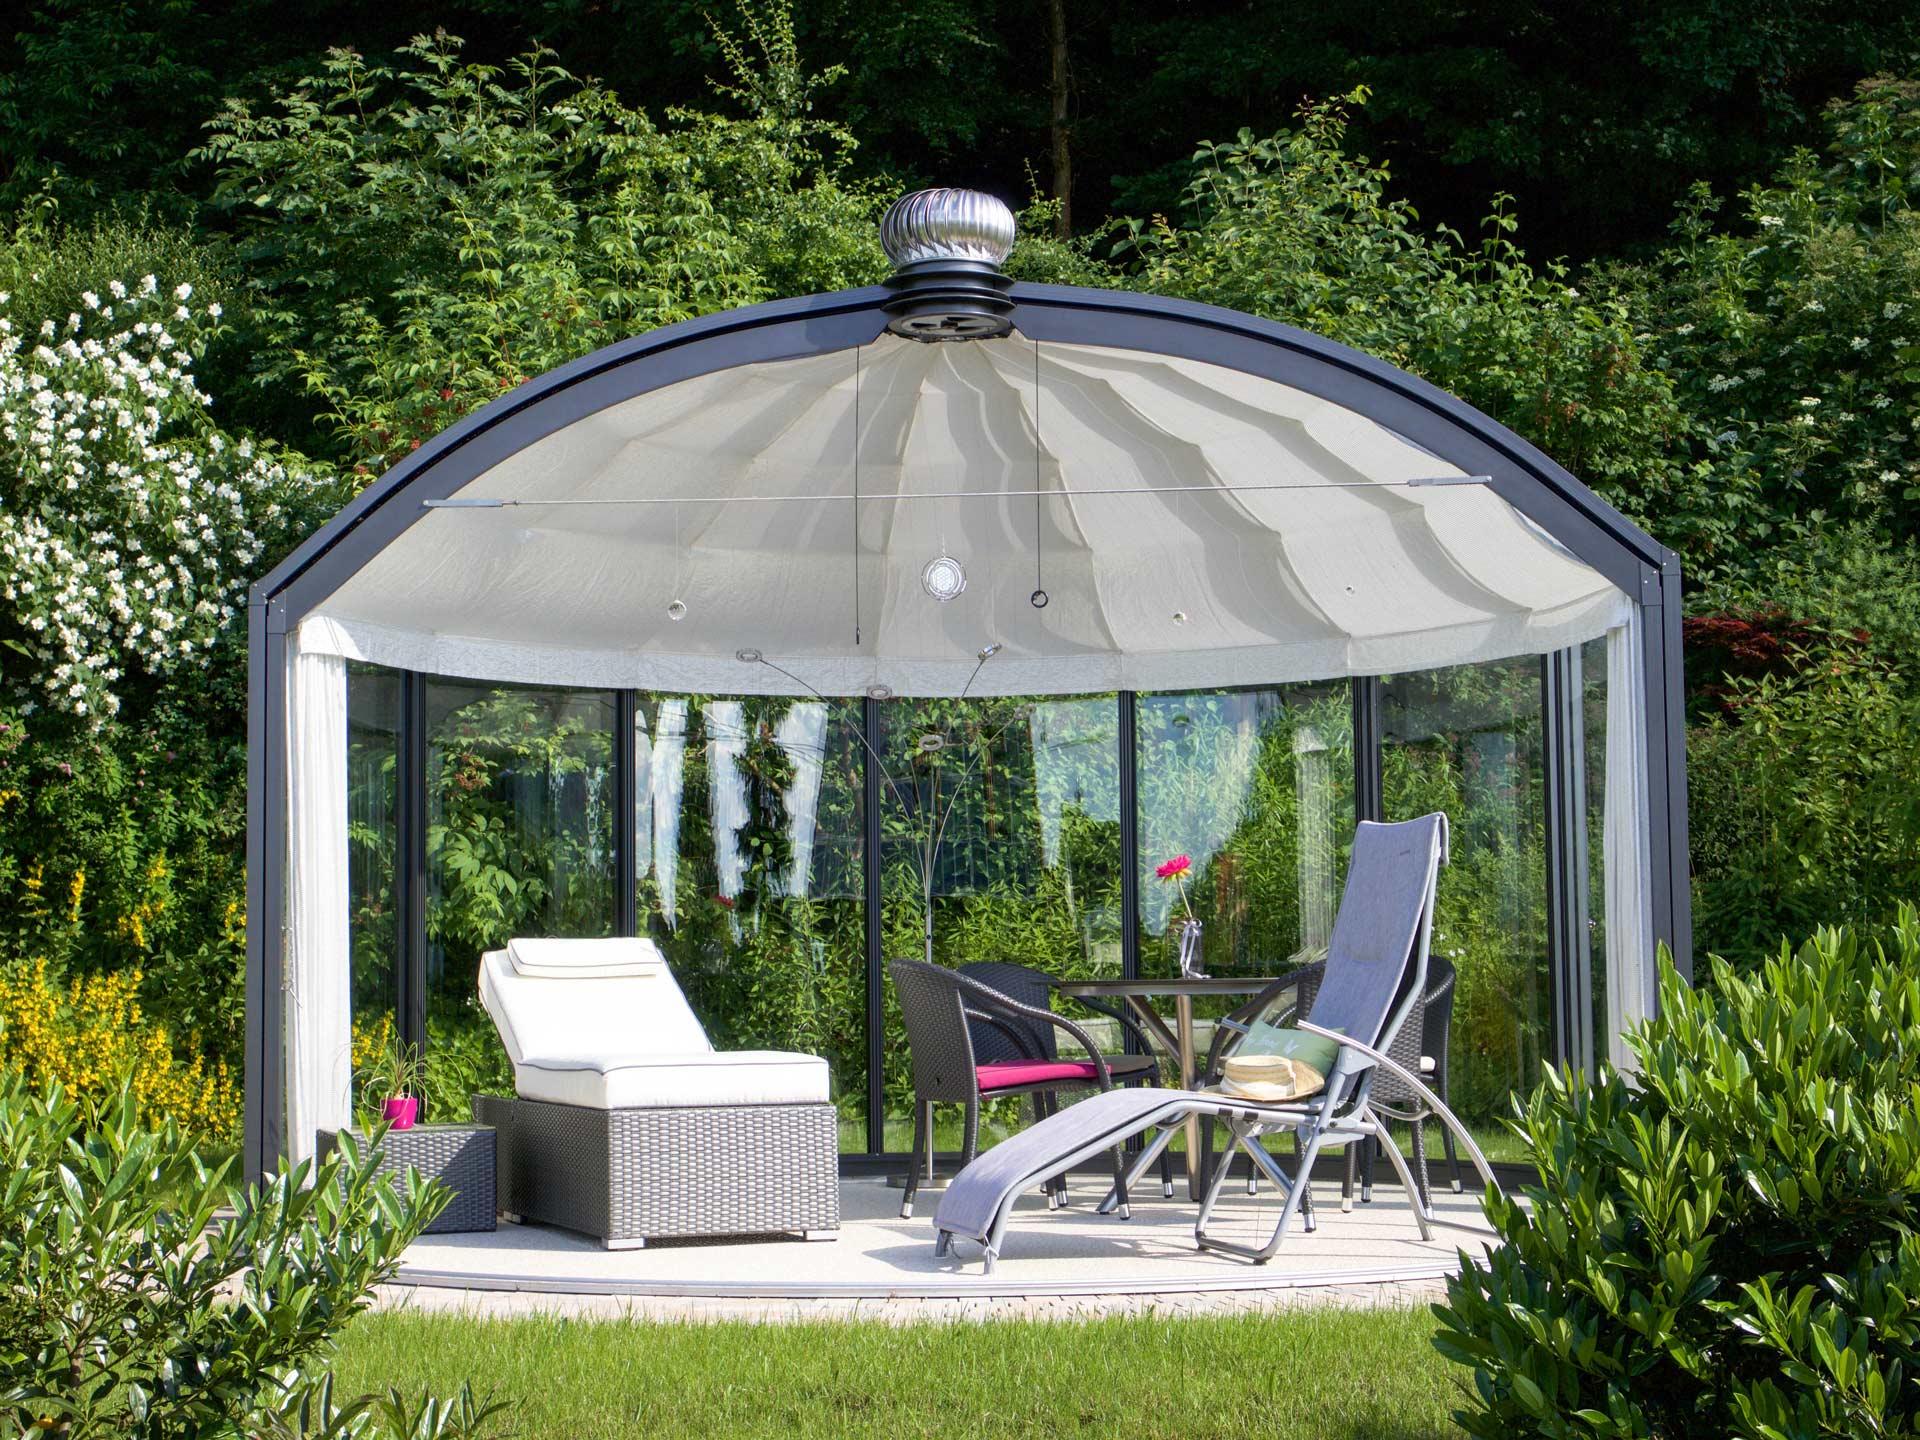 Runde Pavillons pavillon rondo | der glas pavillon mit klassischen holzelementen für